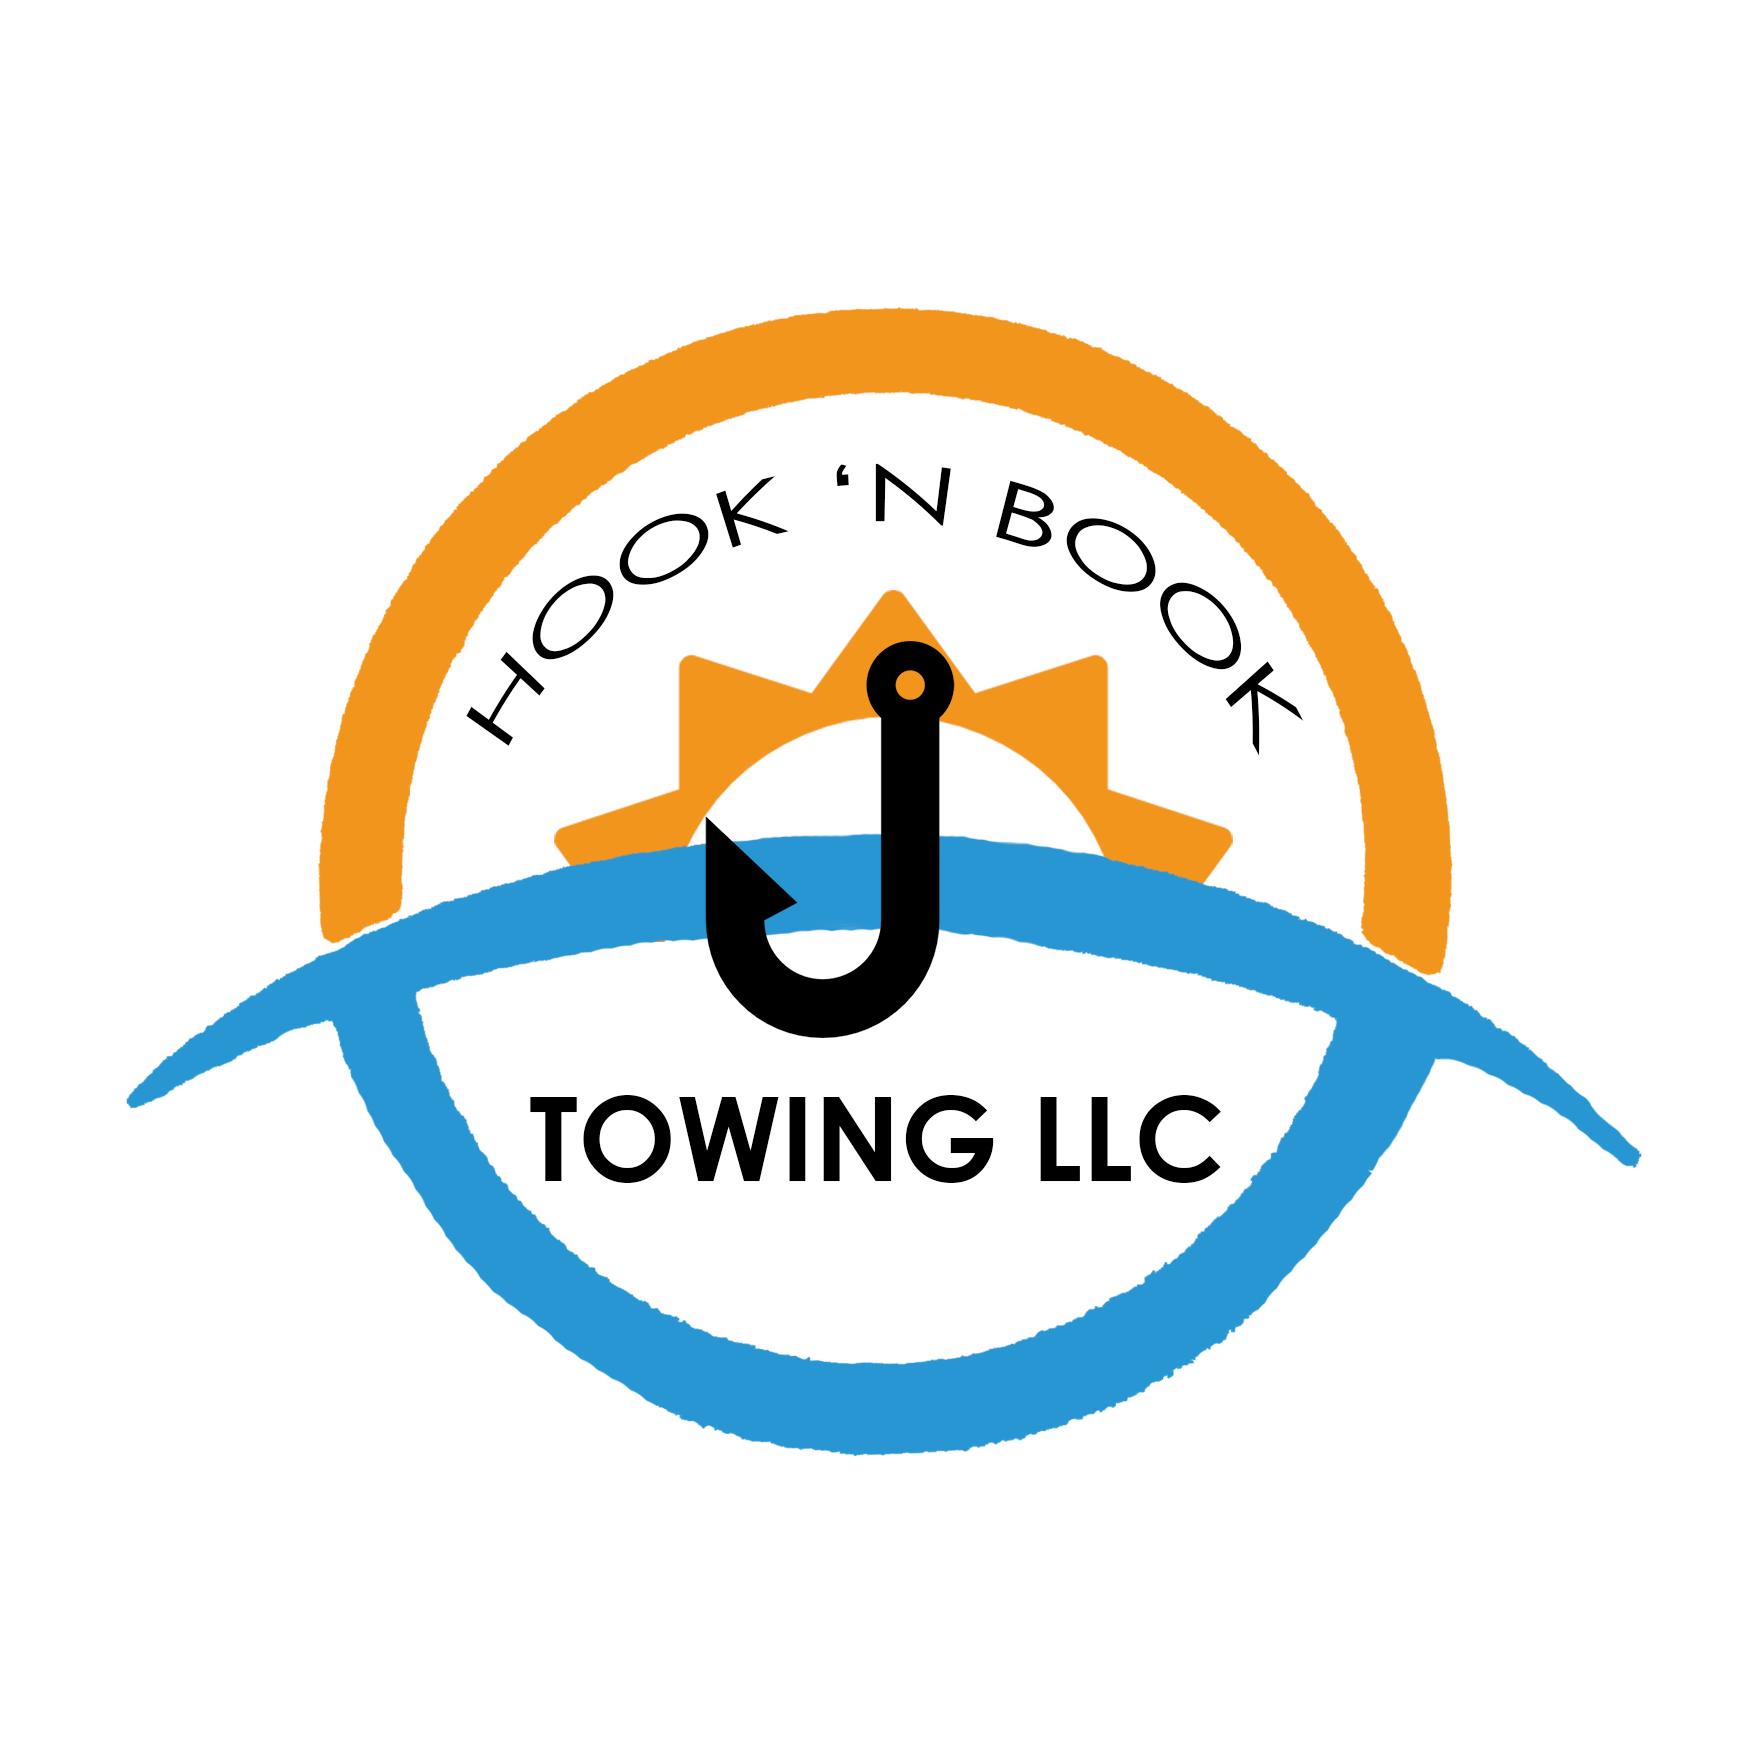 Hook N Book Towing LLC - Wyoming, MI - Auto Towing & Wrecking